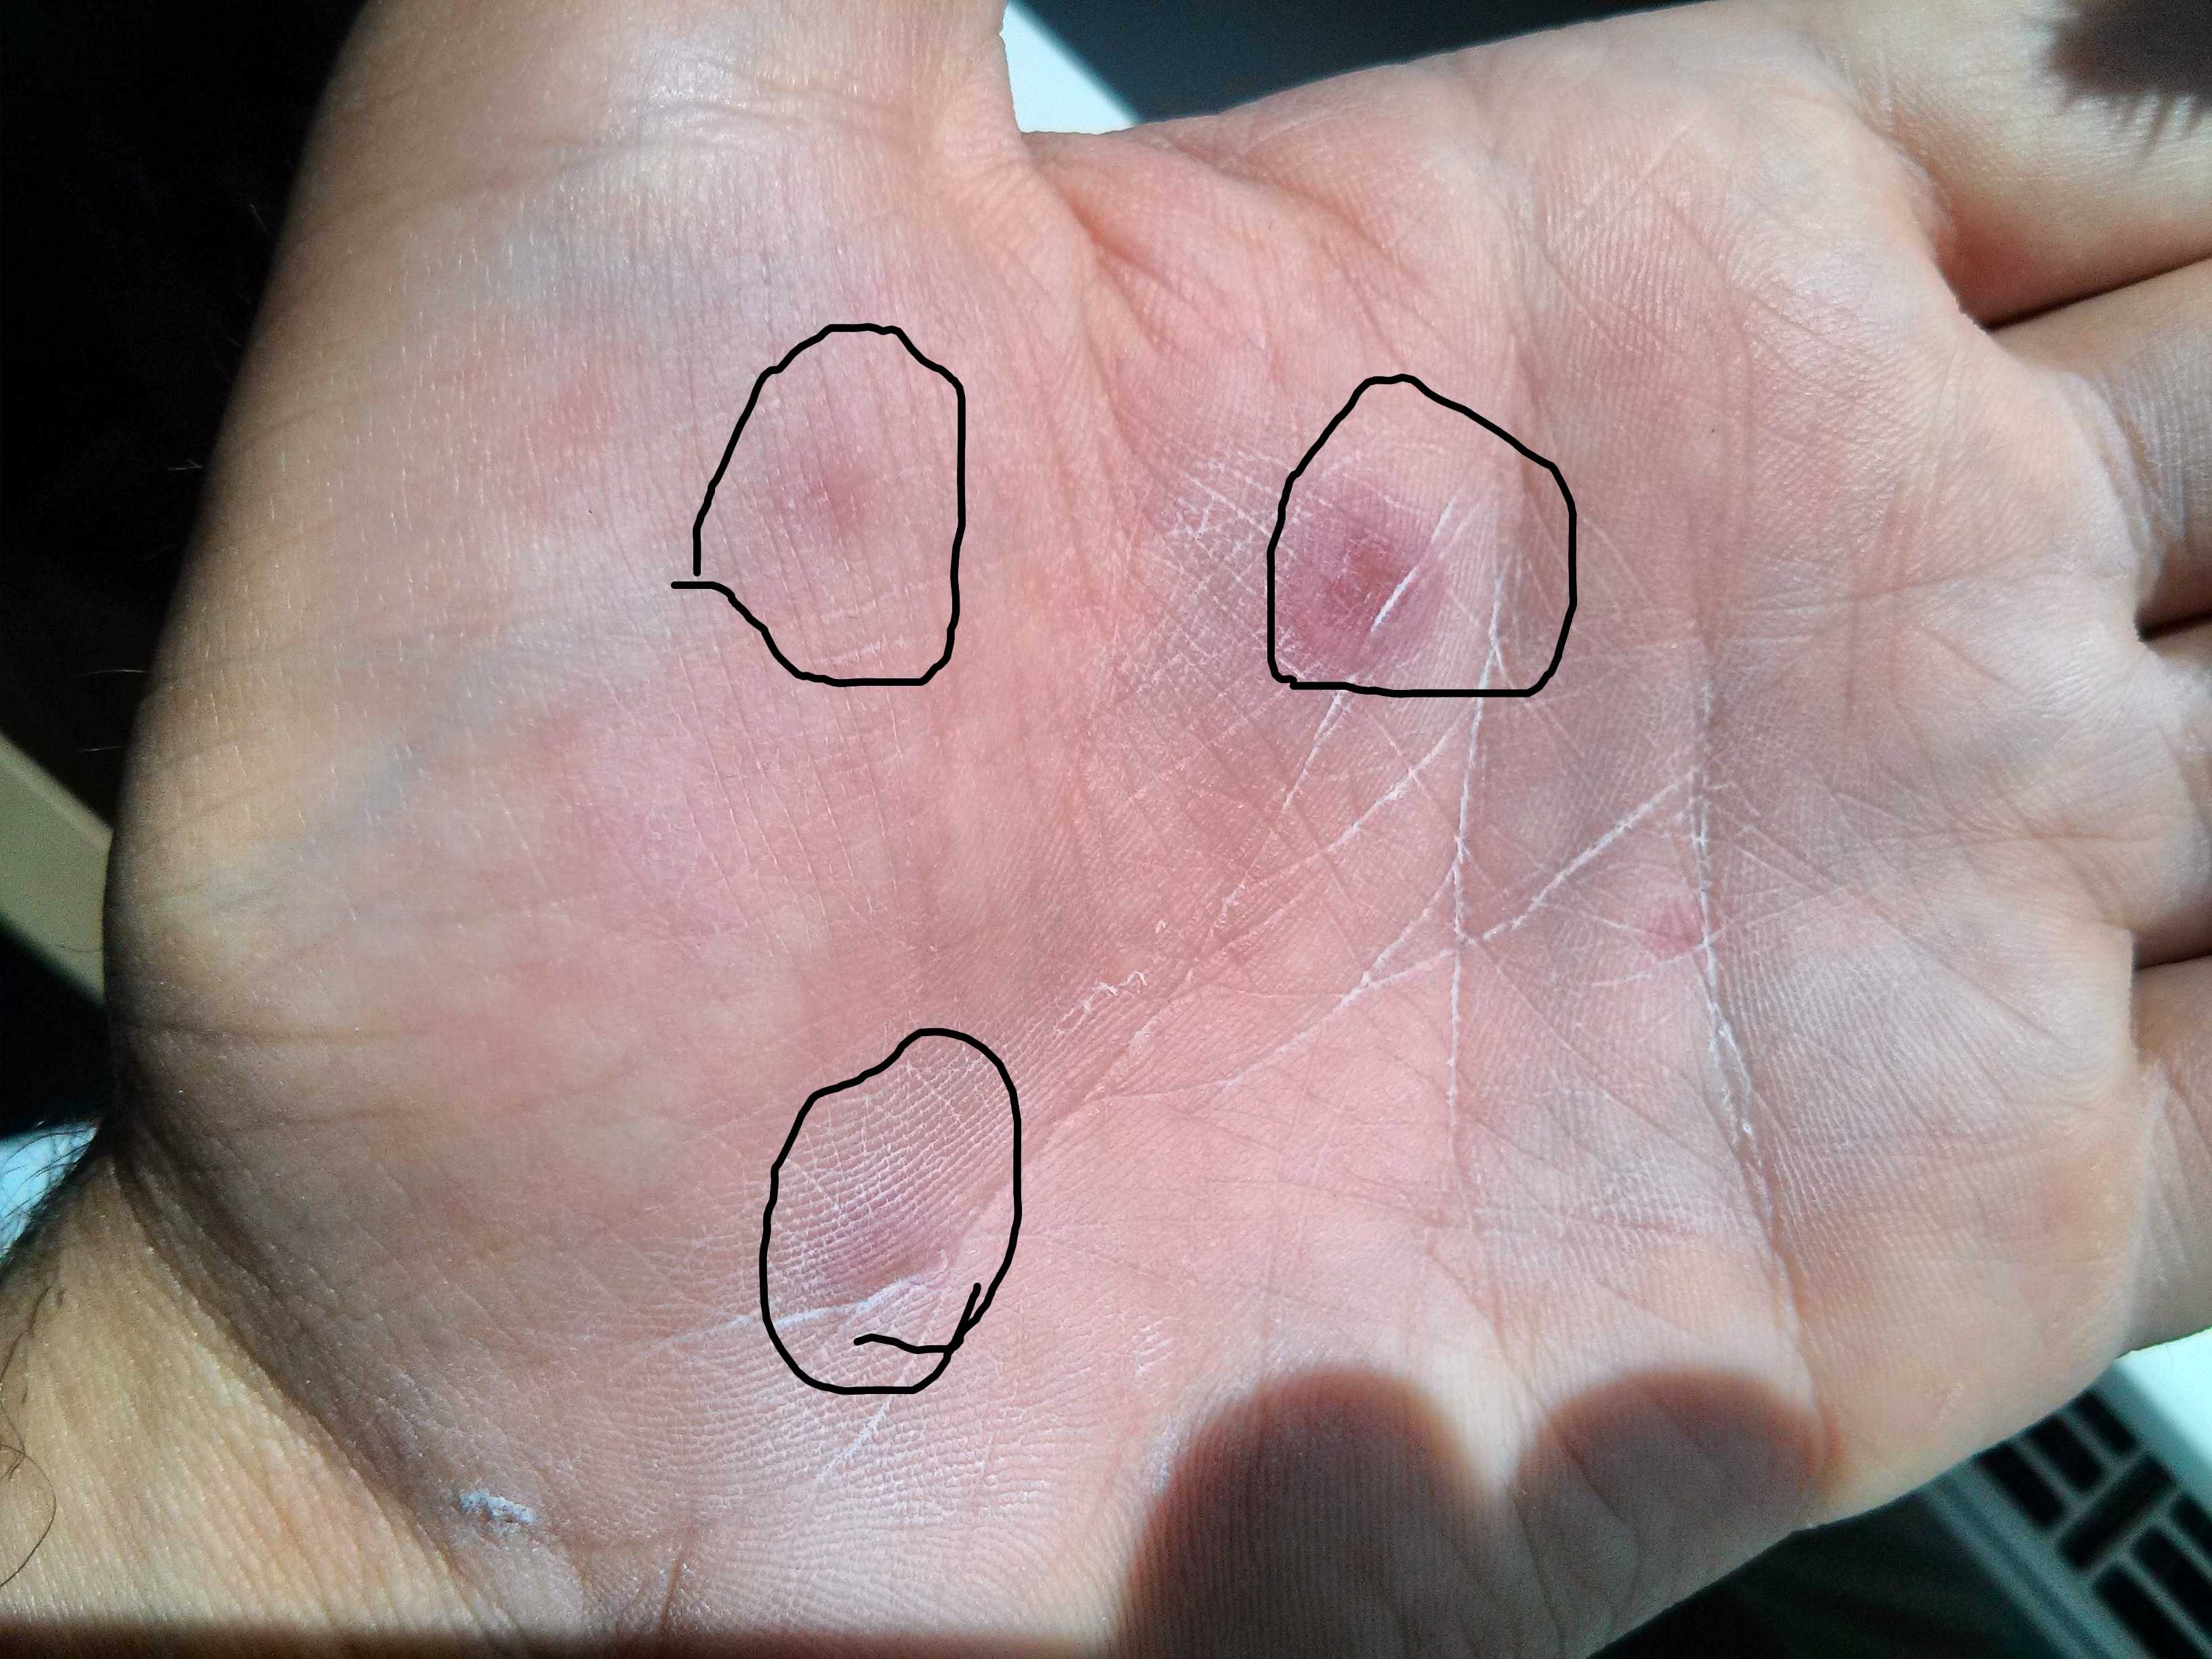 diagnose allergie hand (haut)